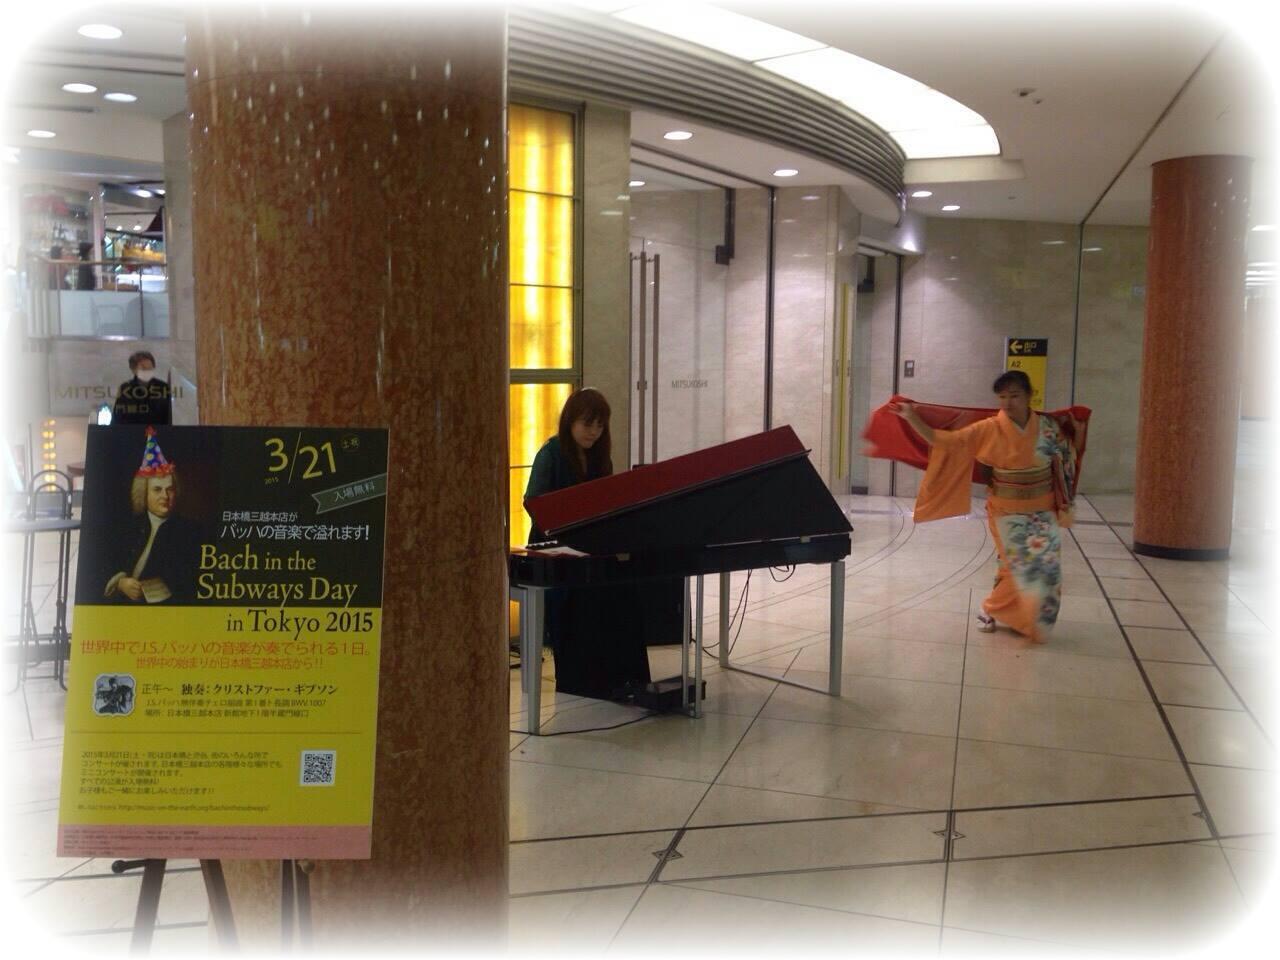 Bach in the Subways_d0058064_10505417.jpg